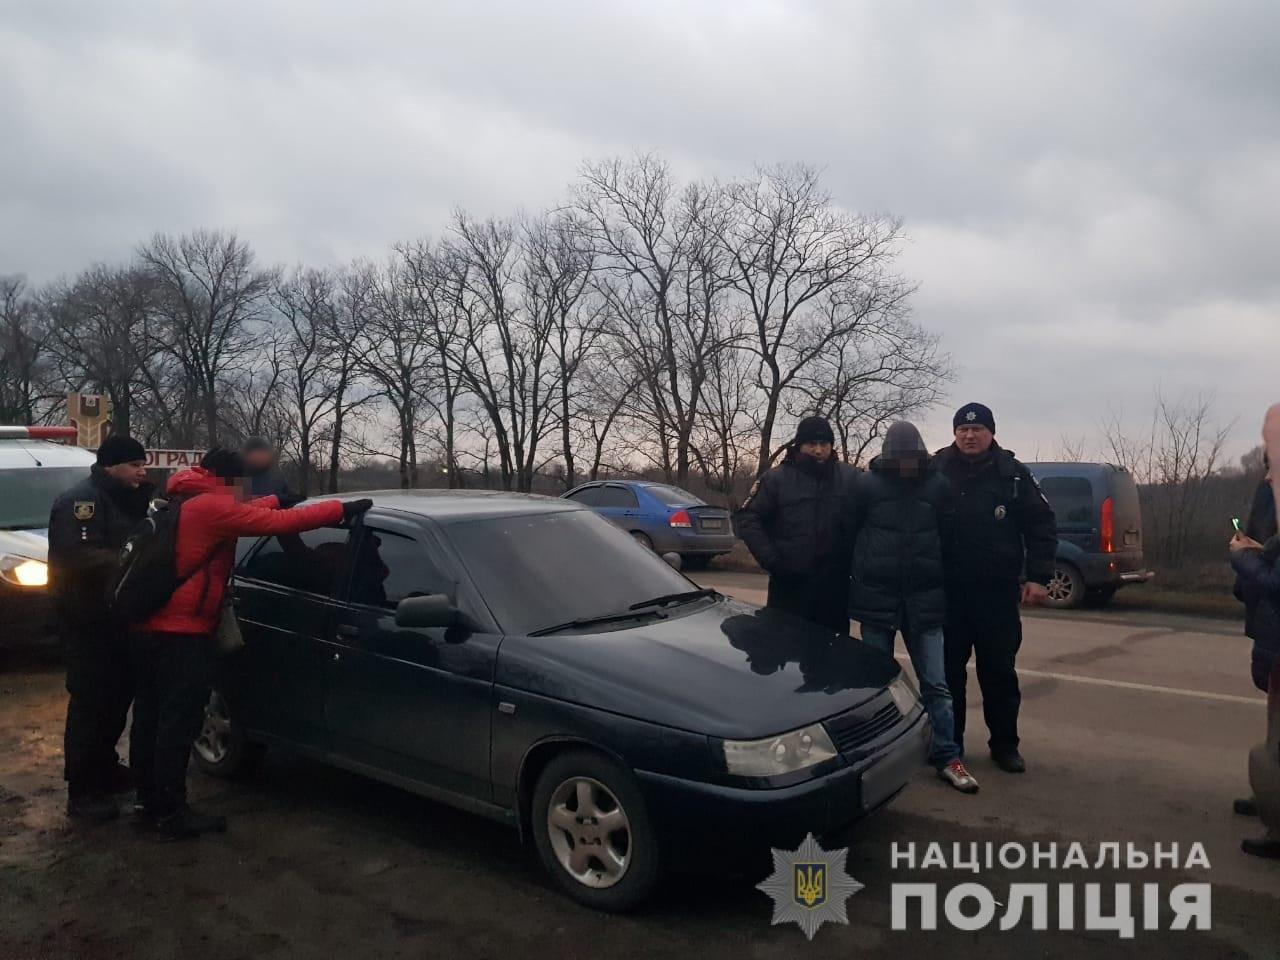 На Харьковщине полицейские задержали квартирных воров, - ФОТО, фото-1